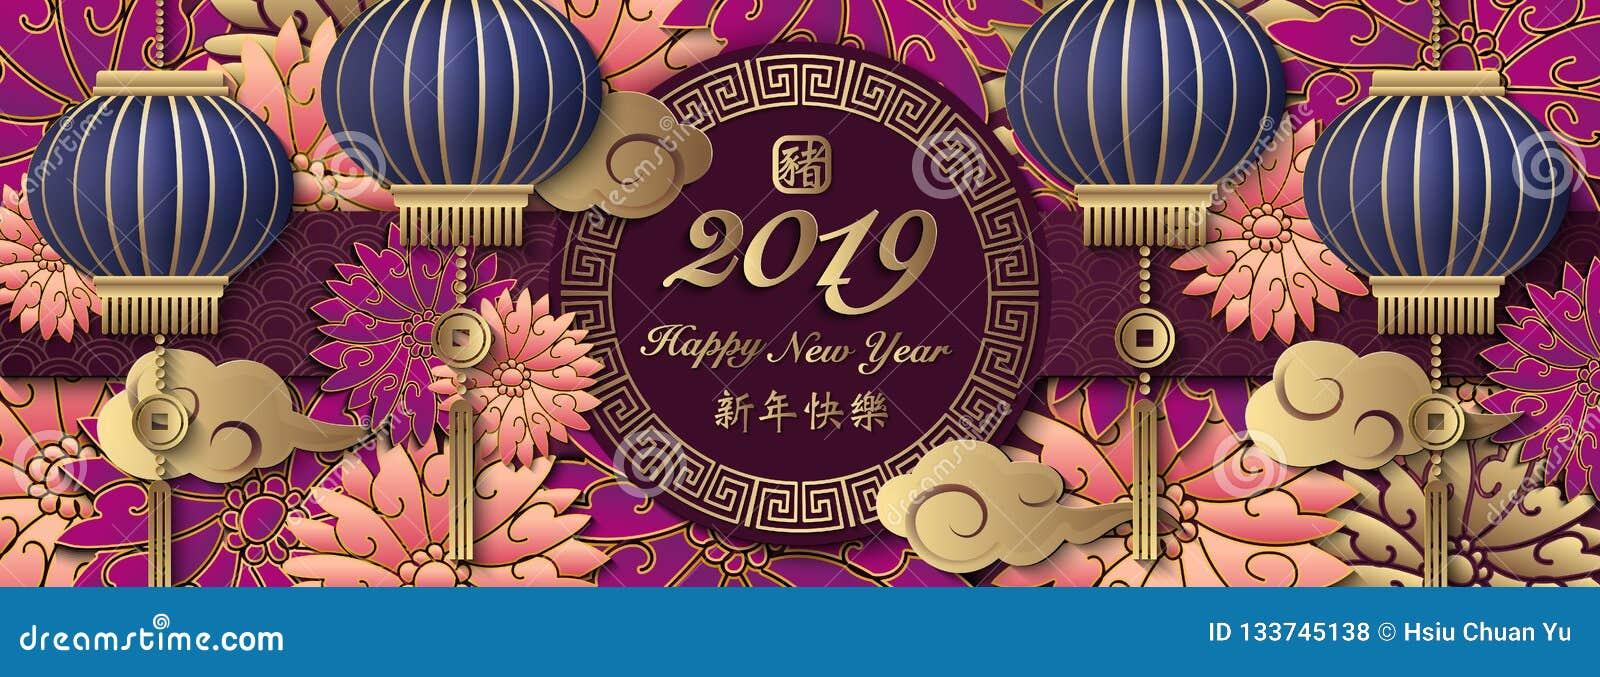 Lanter retro chinês feliz da nuvem da flor da arte do relevo do ano 2019 novo